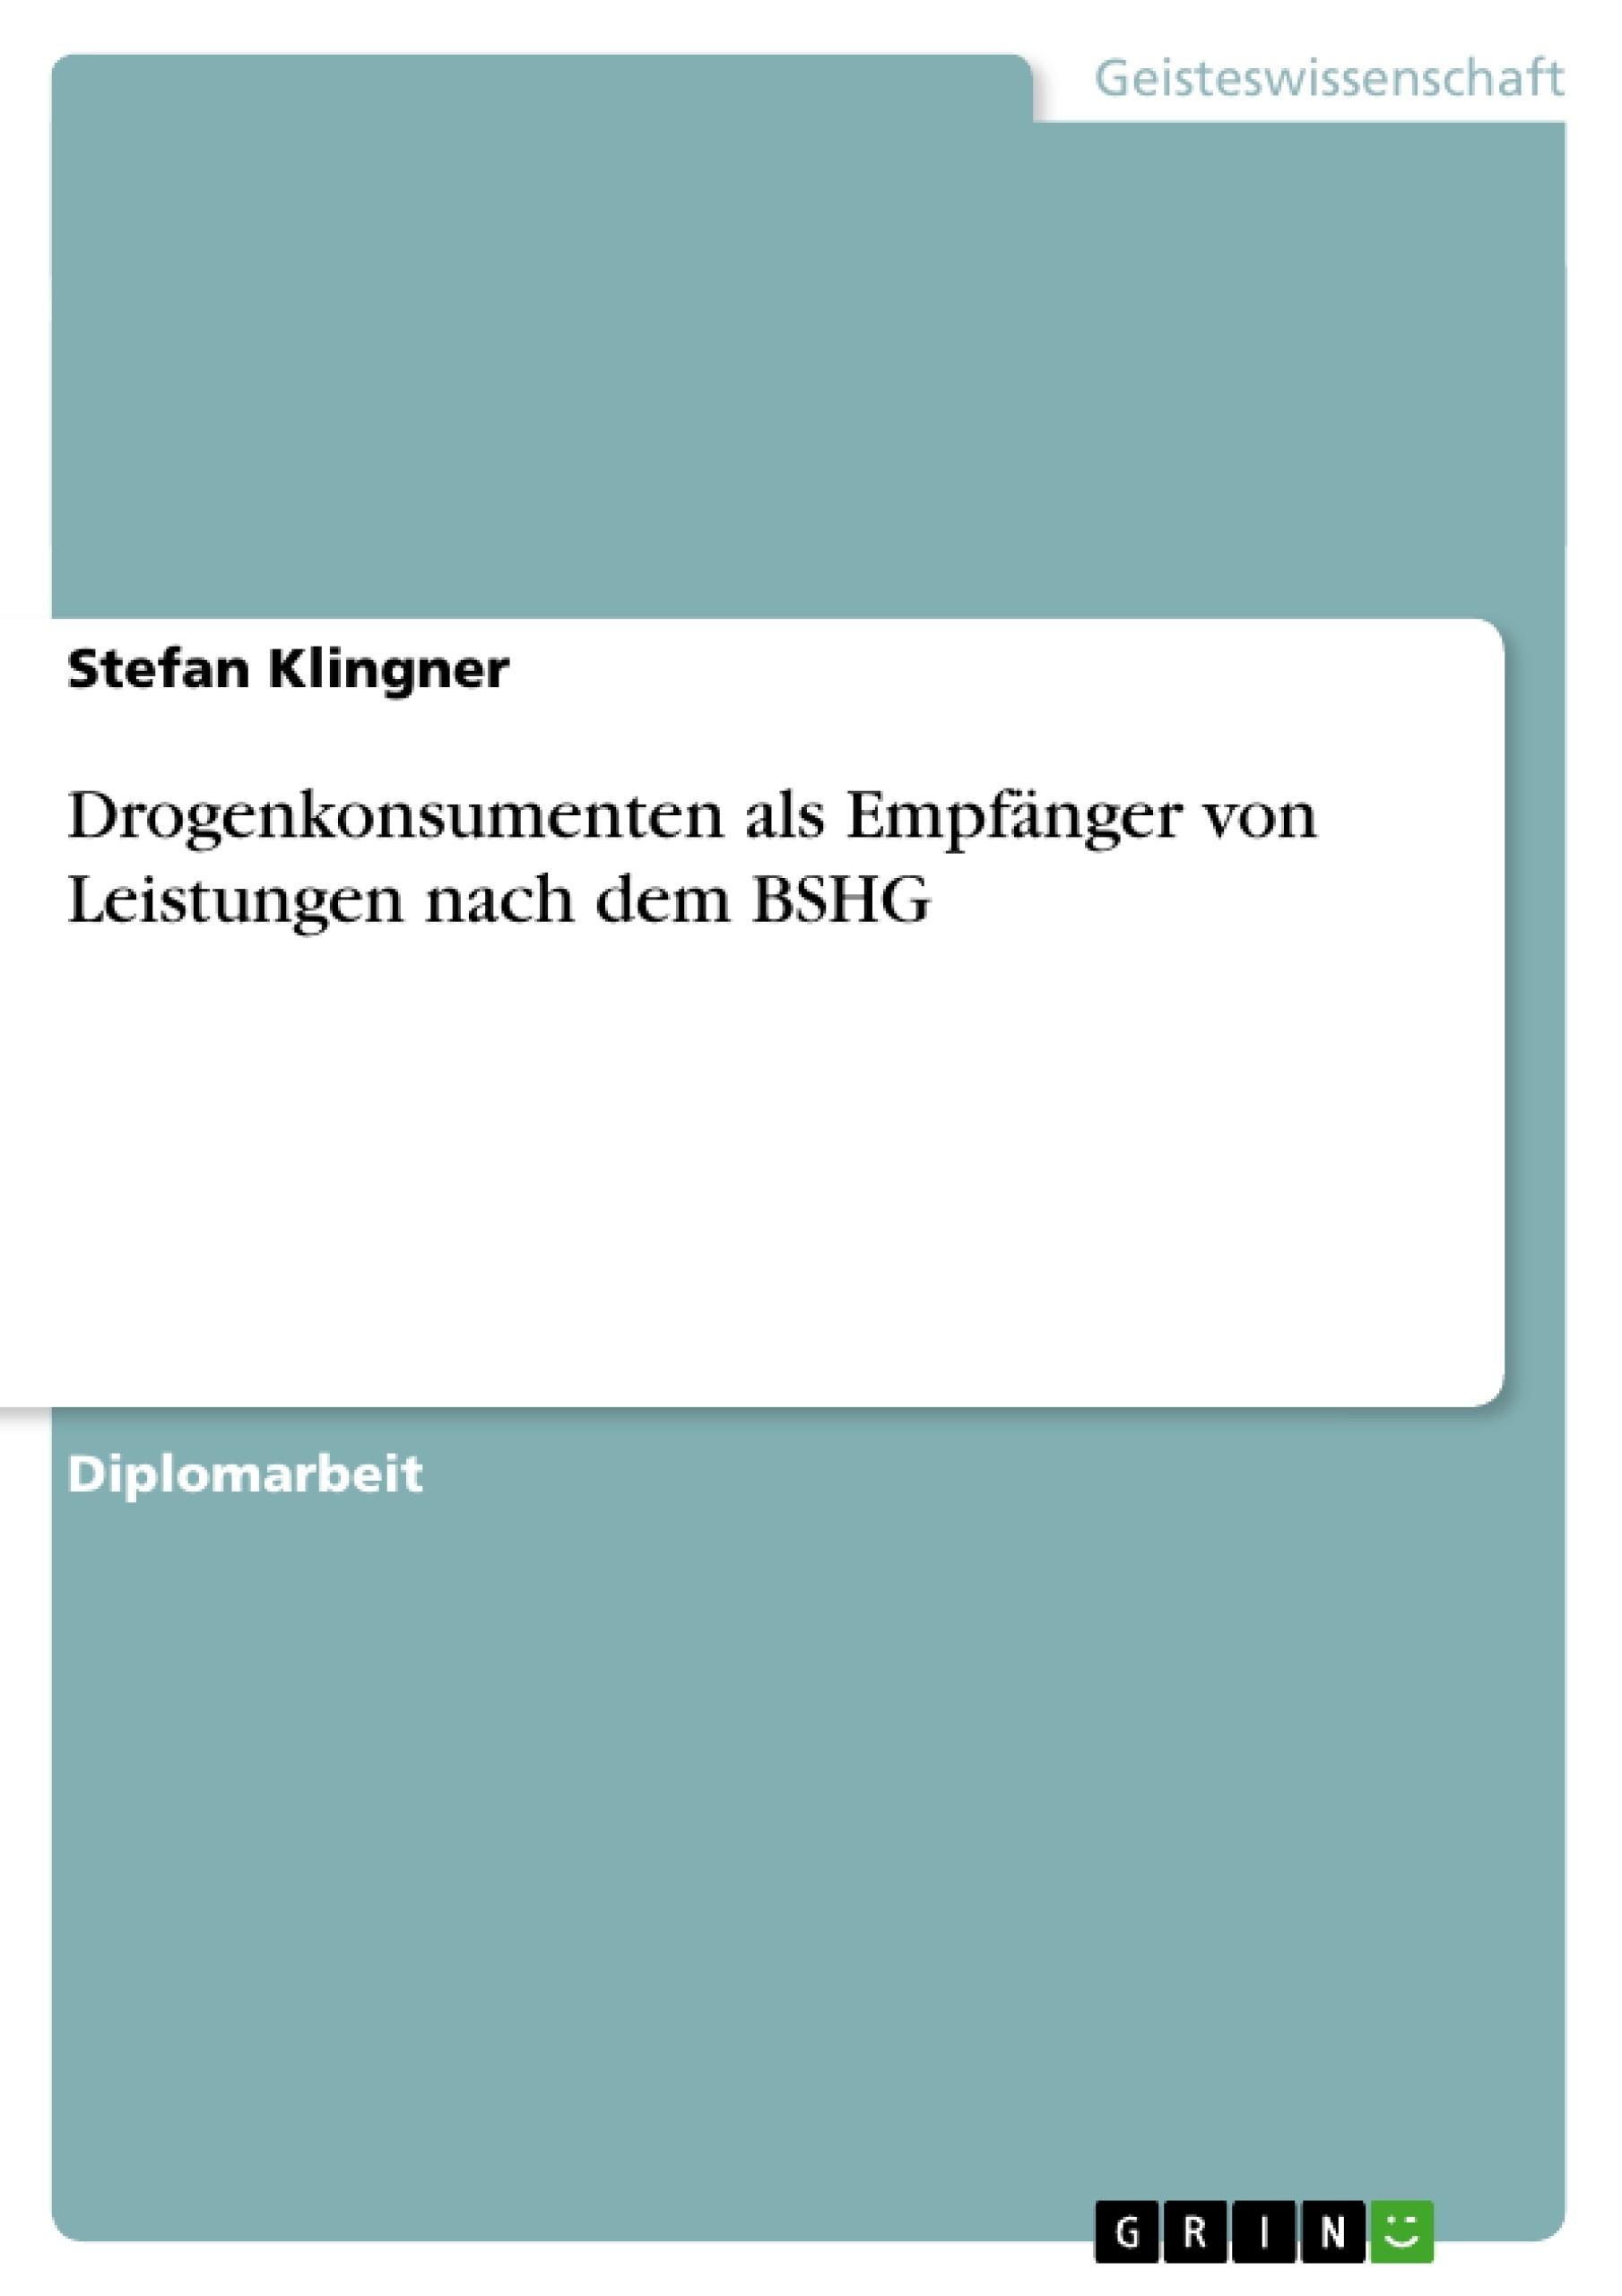 Titel: Drogenkonsumenten als Empfänger von Leistungen nach dem BSHG